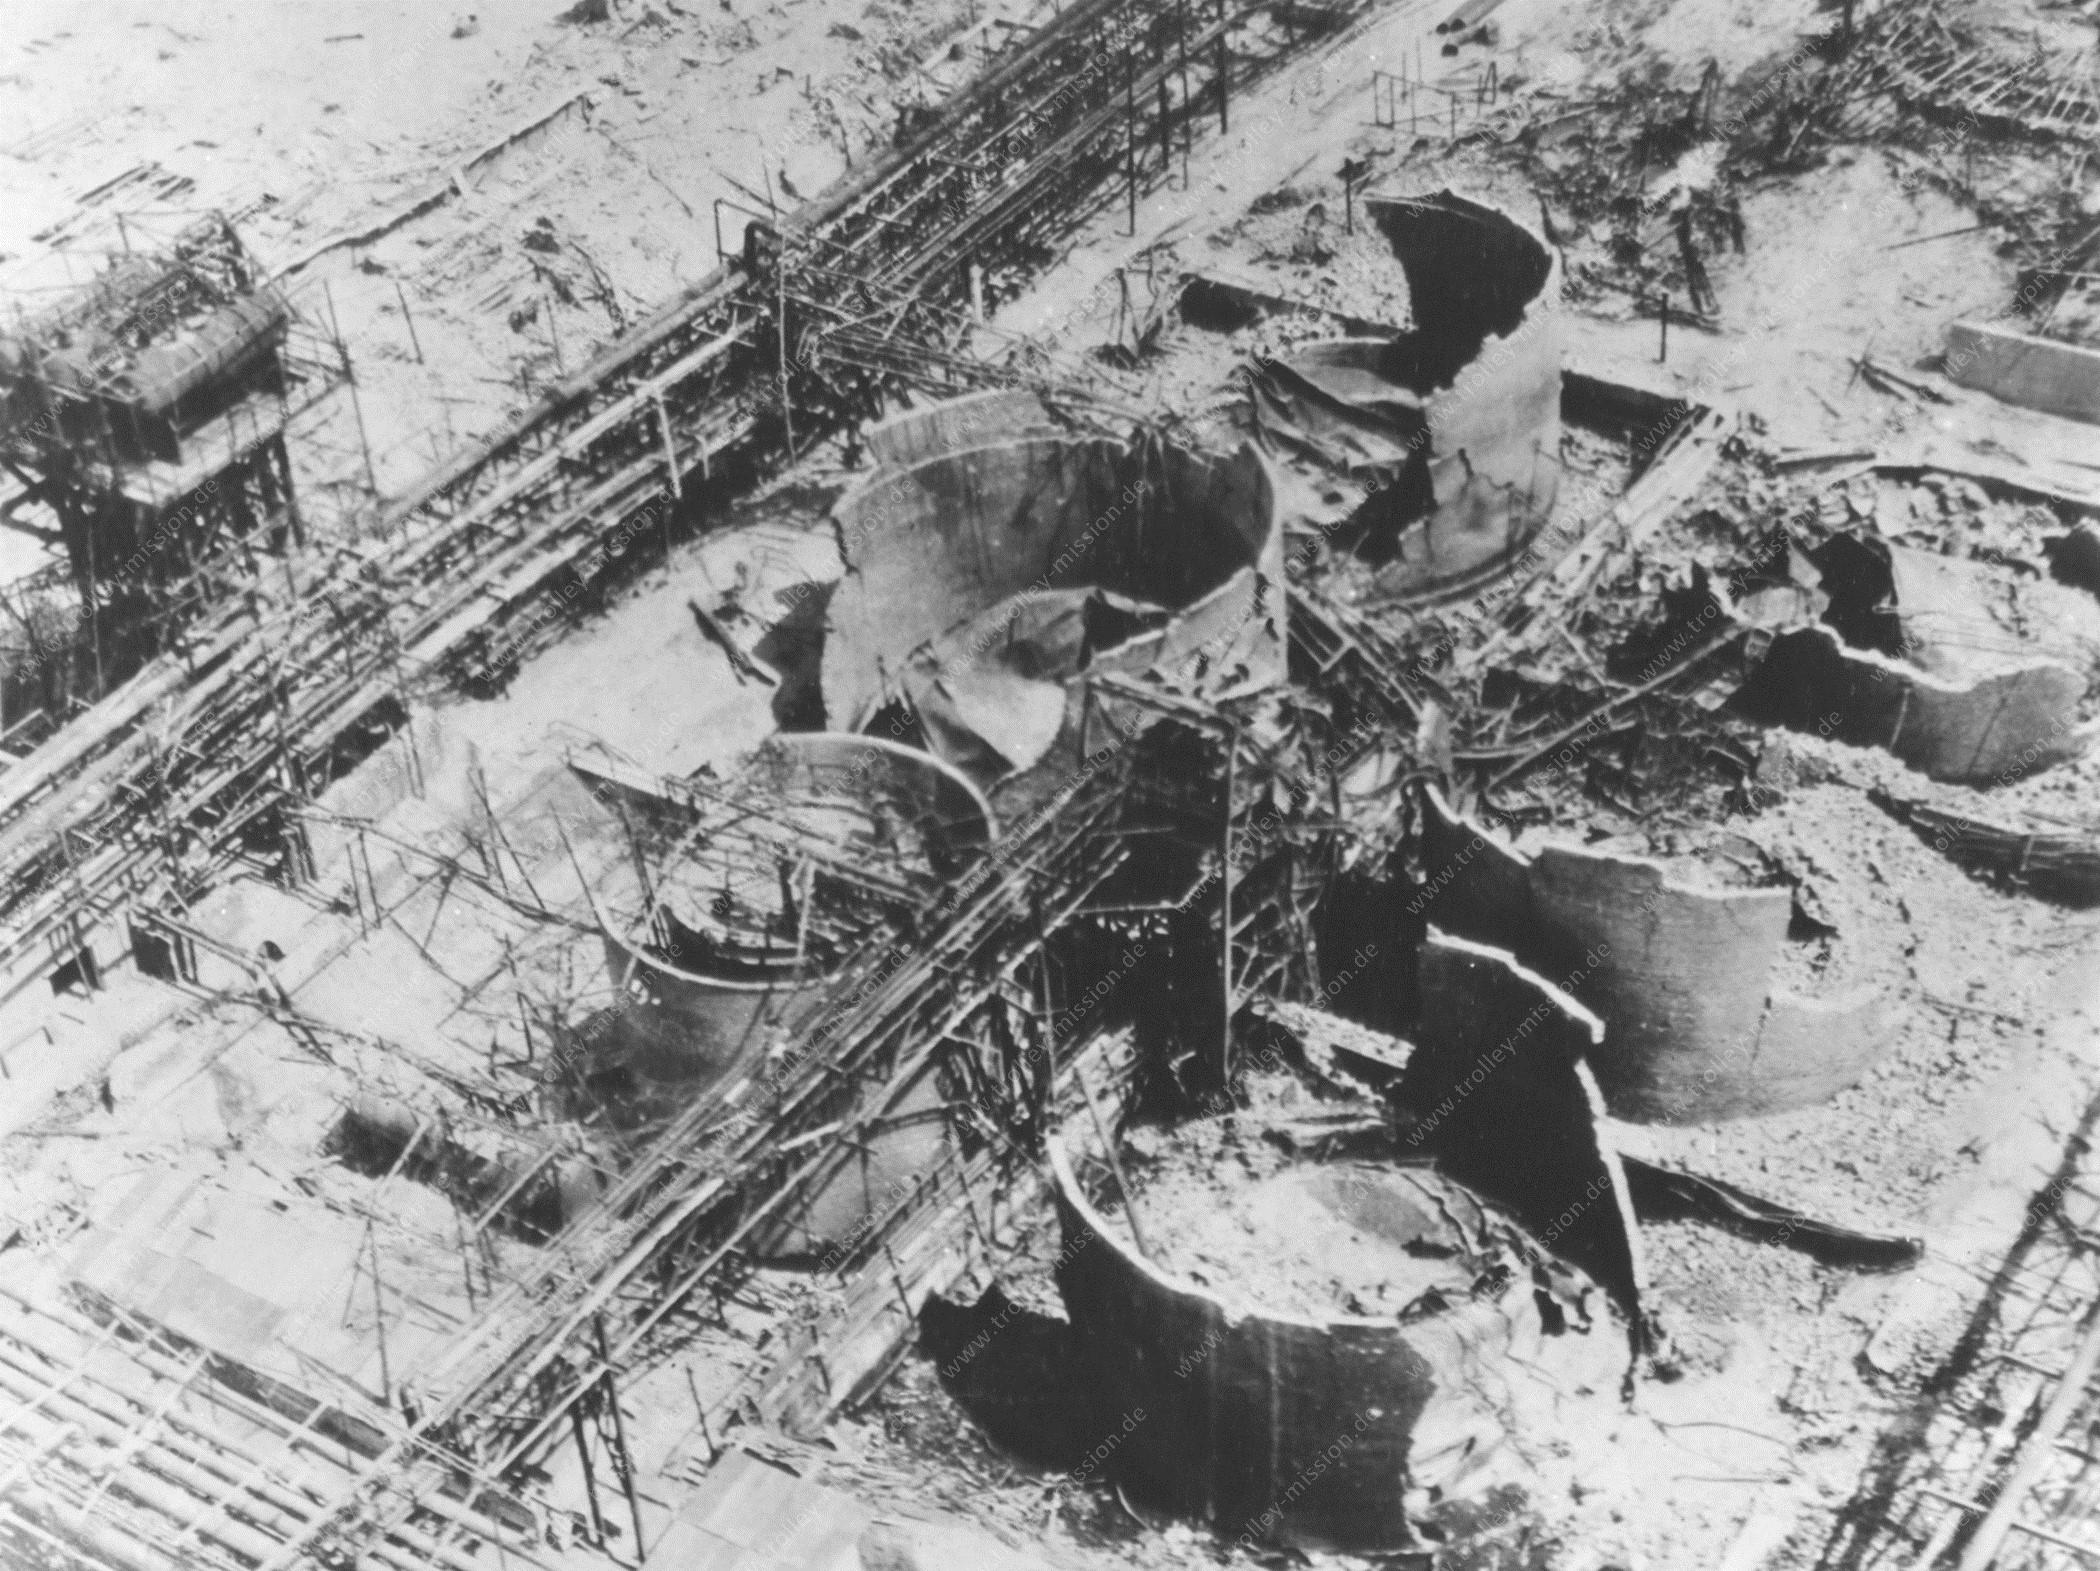 Luftaufnahme zerstörter Tanks der Hydrierwerke Scholven AG in Gelsenkirchen